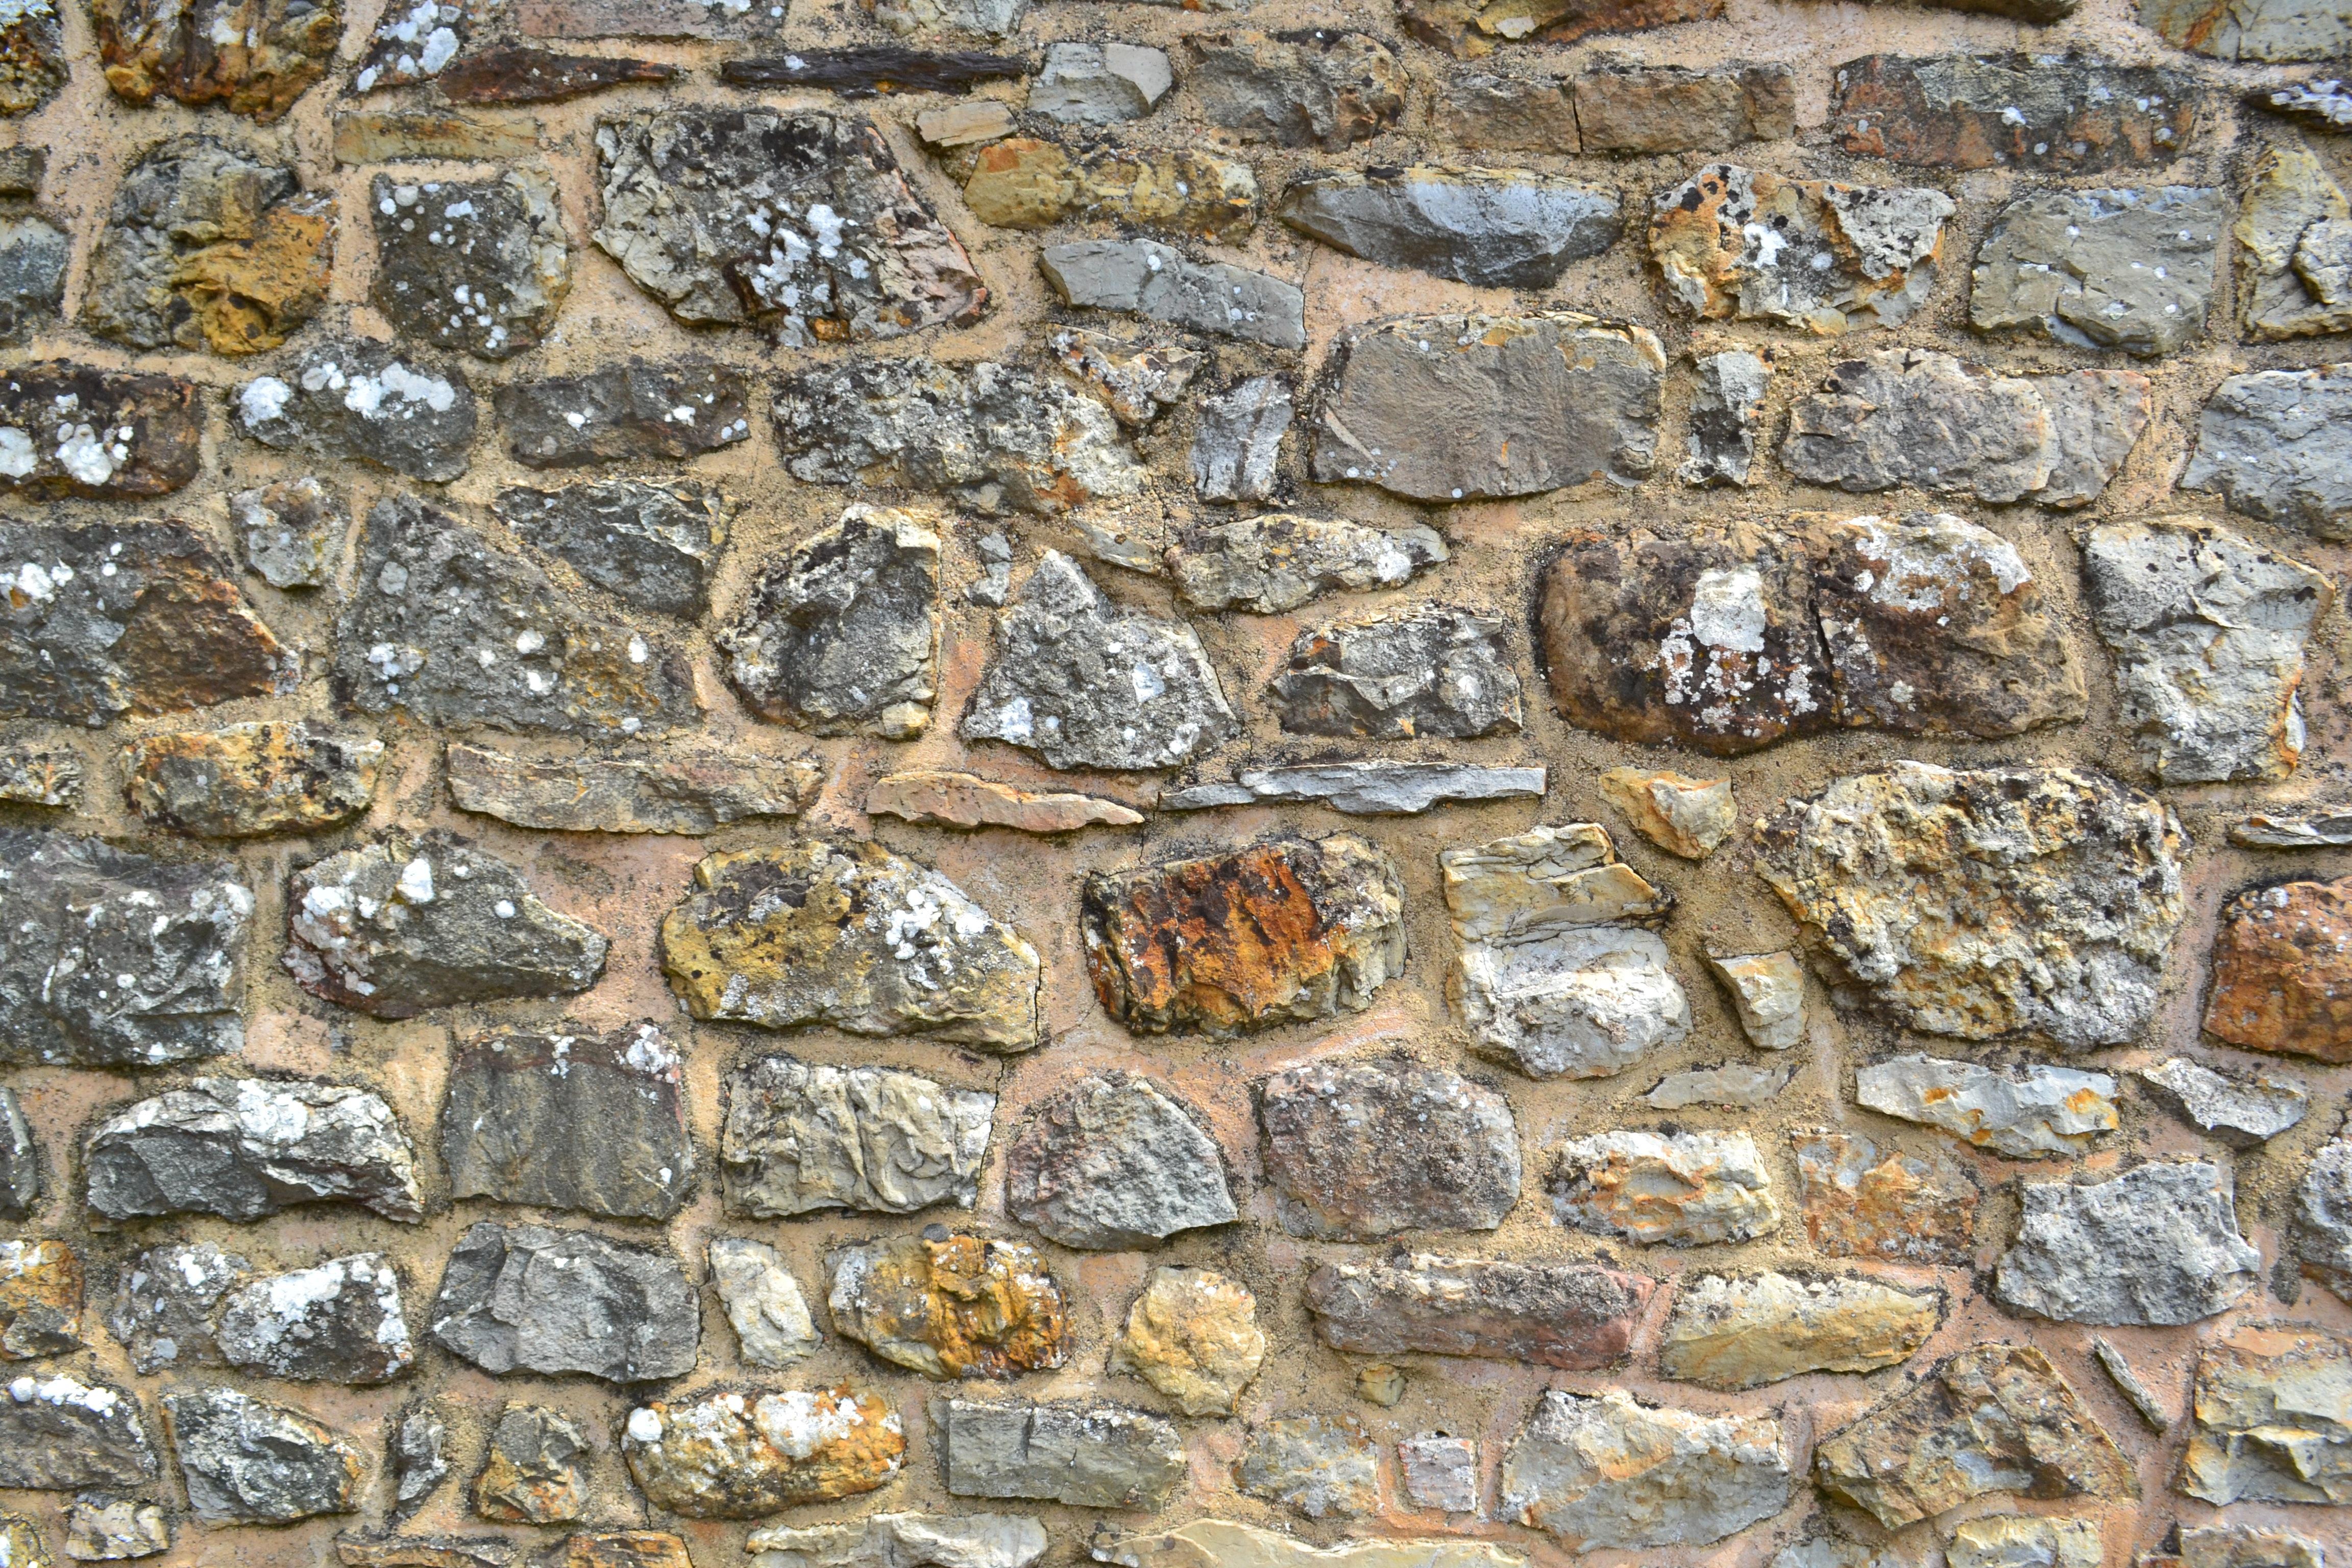 самом картинки старых камней коротко основные отличия